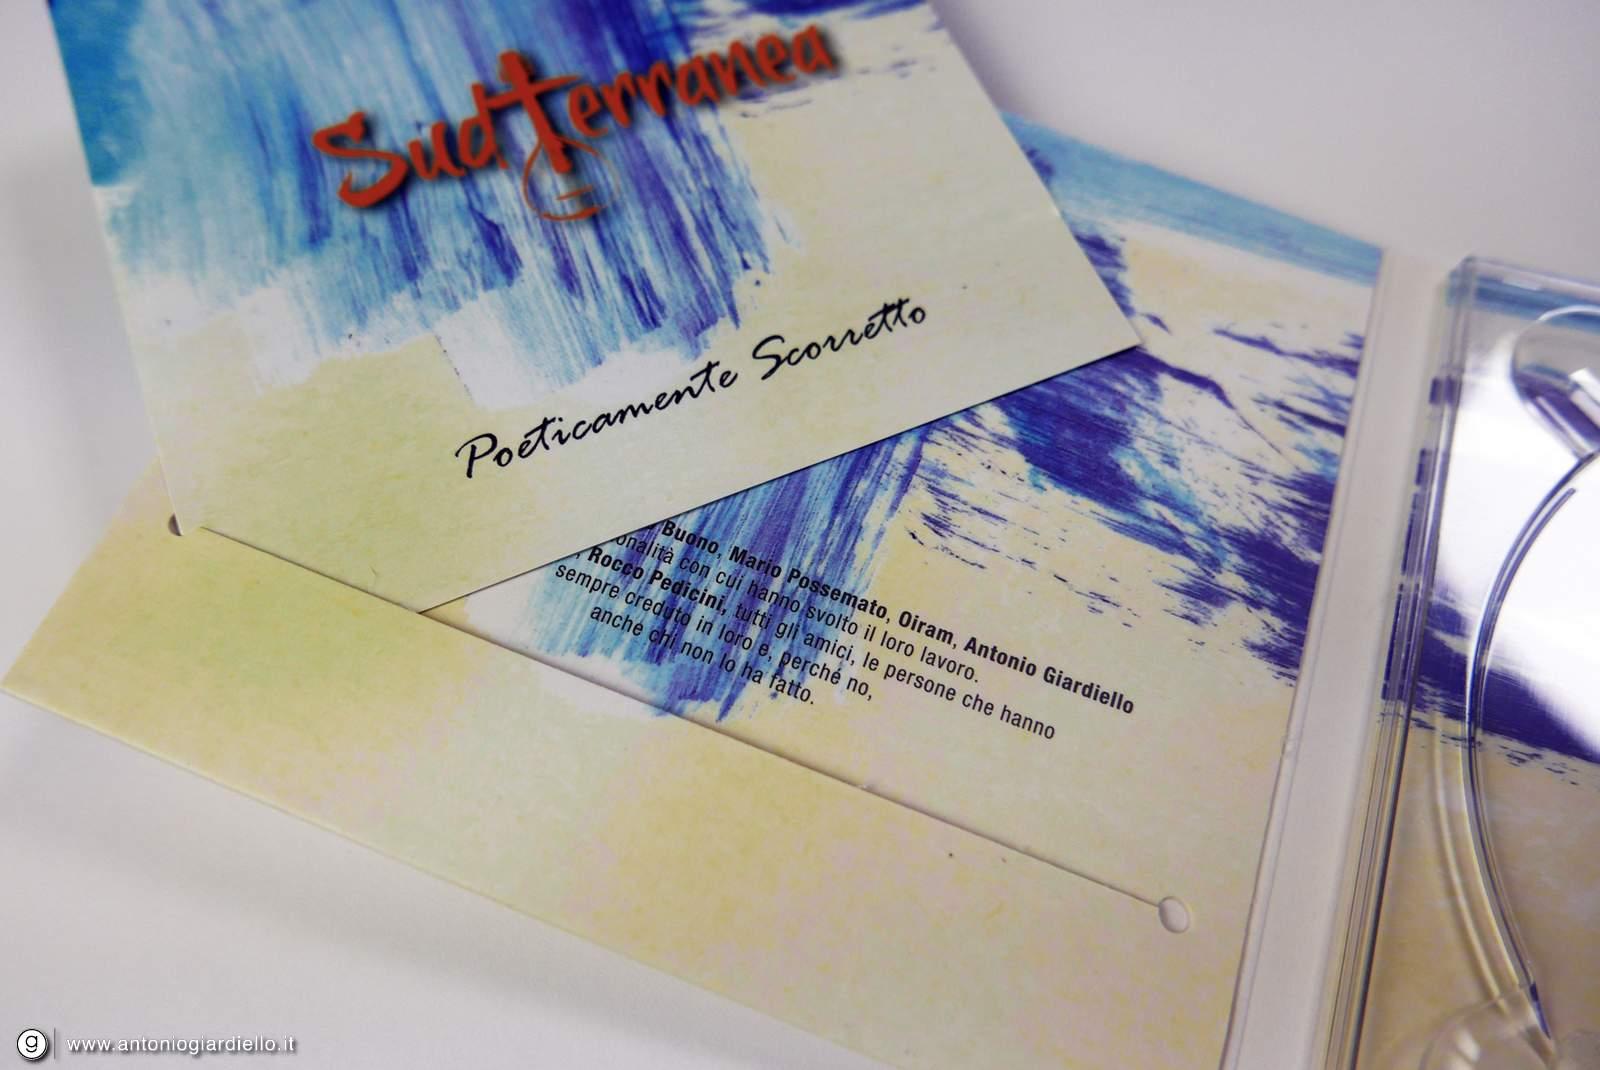 progettazione grafica album musicale poeticamente scorretto dei sudterranea16.jpg